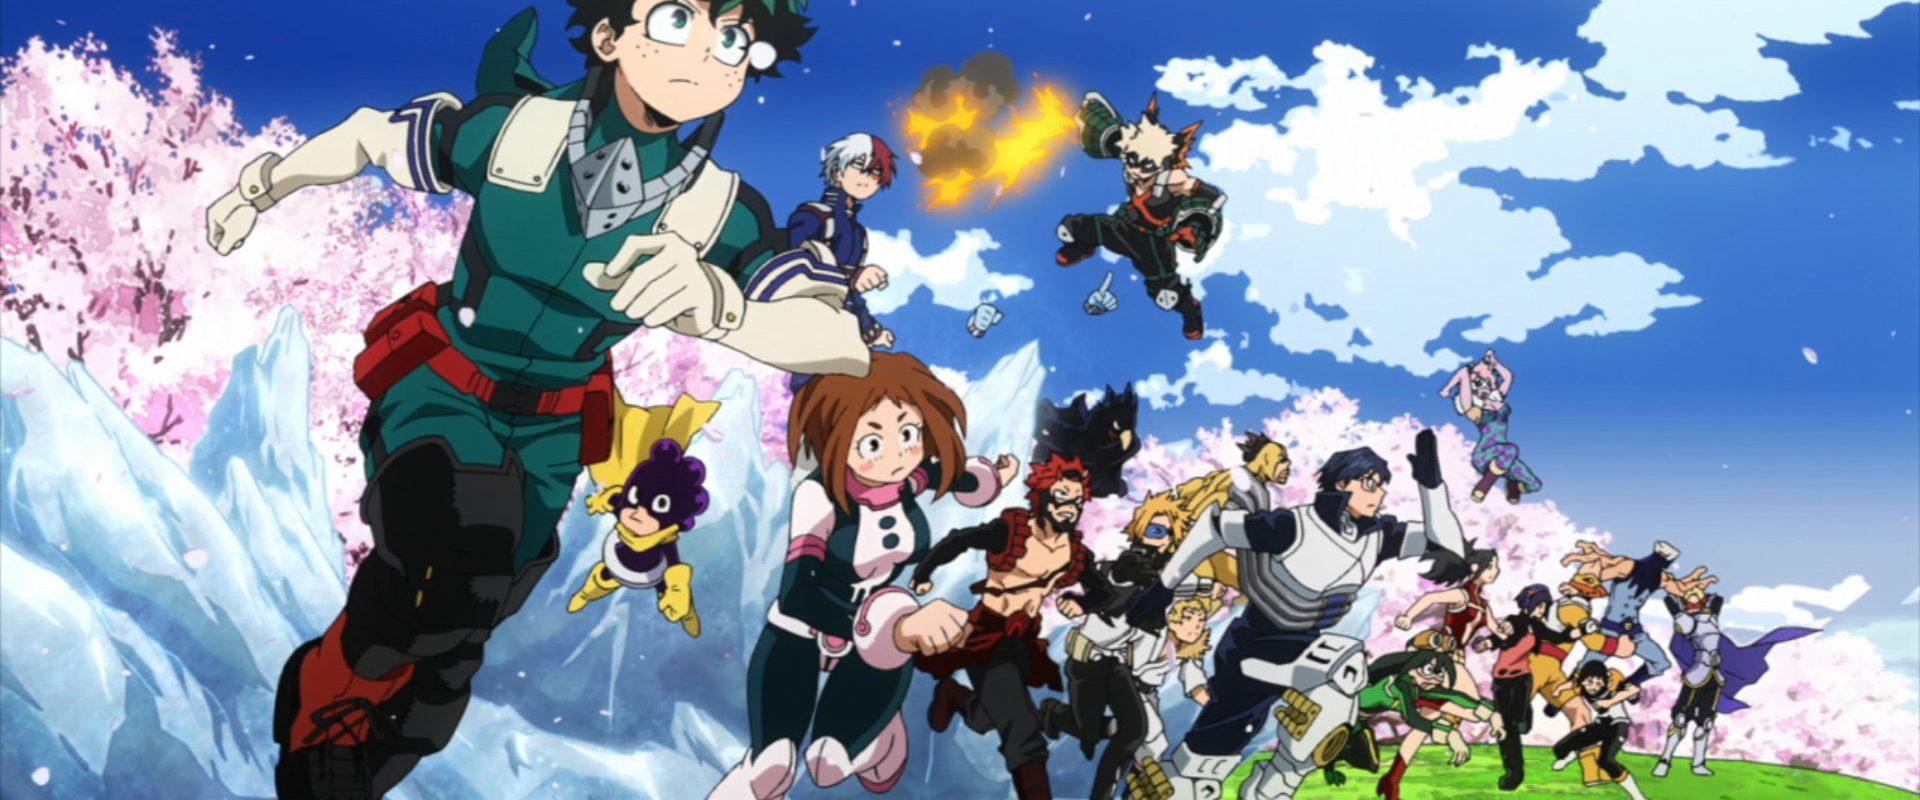 Boku no Hero Academia Temporada 4 - Análise